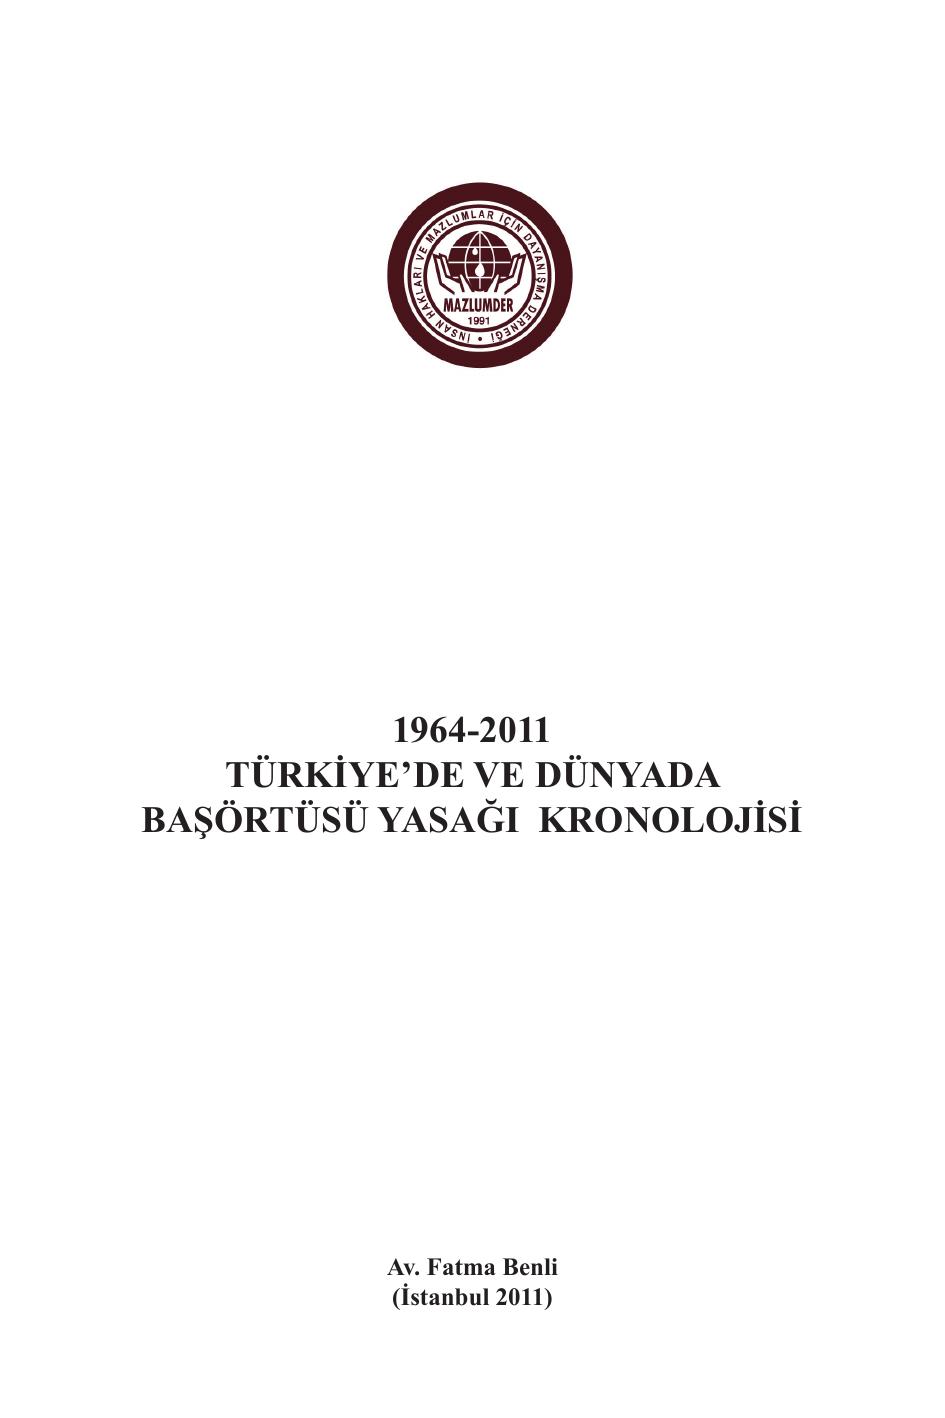 38b4259f33d96 1964-2011 türkiye`de ve dünyada başörtüsü yasağı